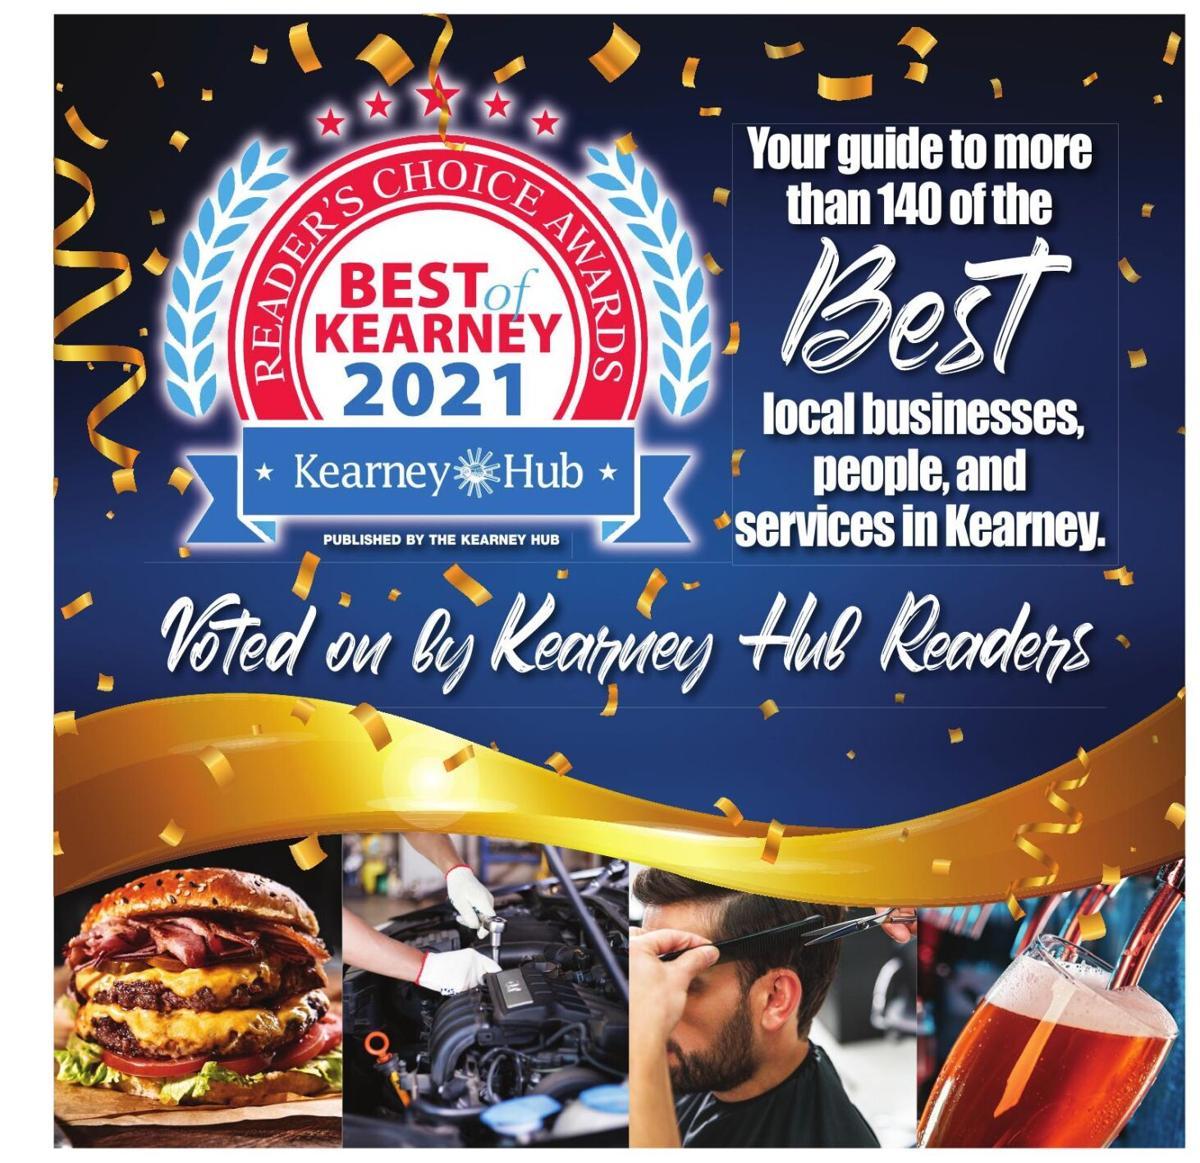 Best of Kearney 2021